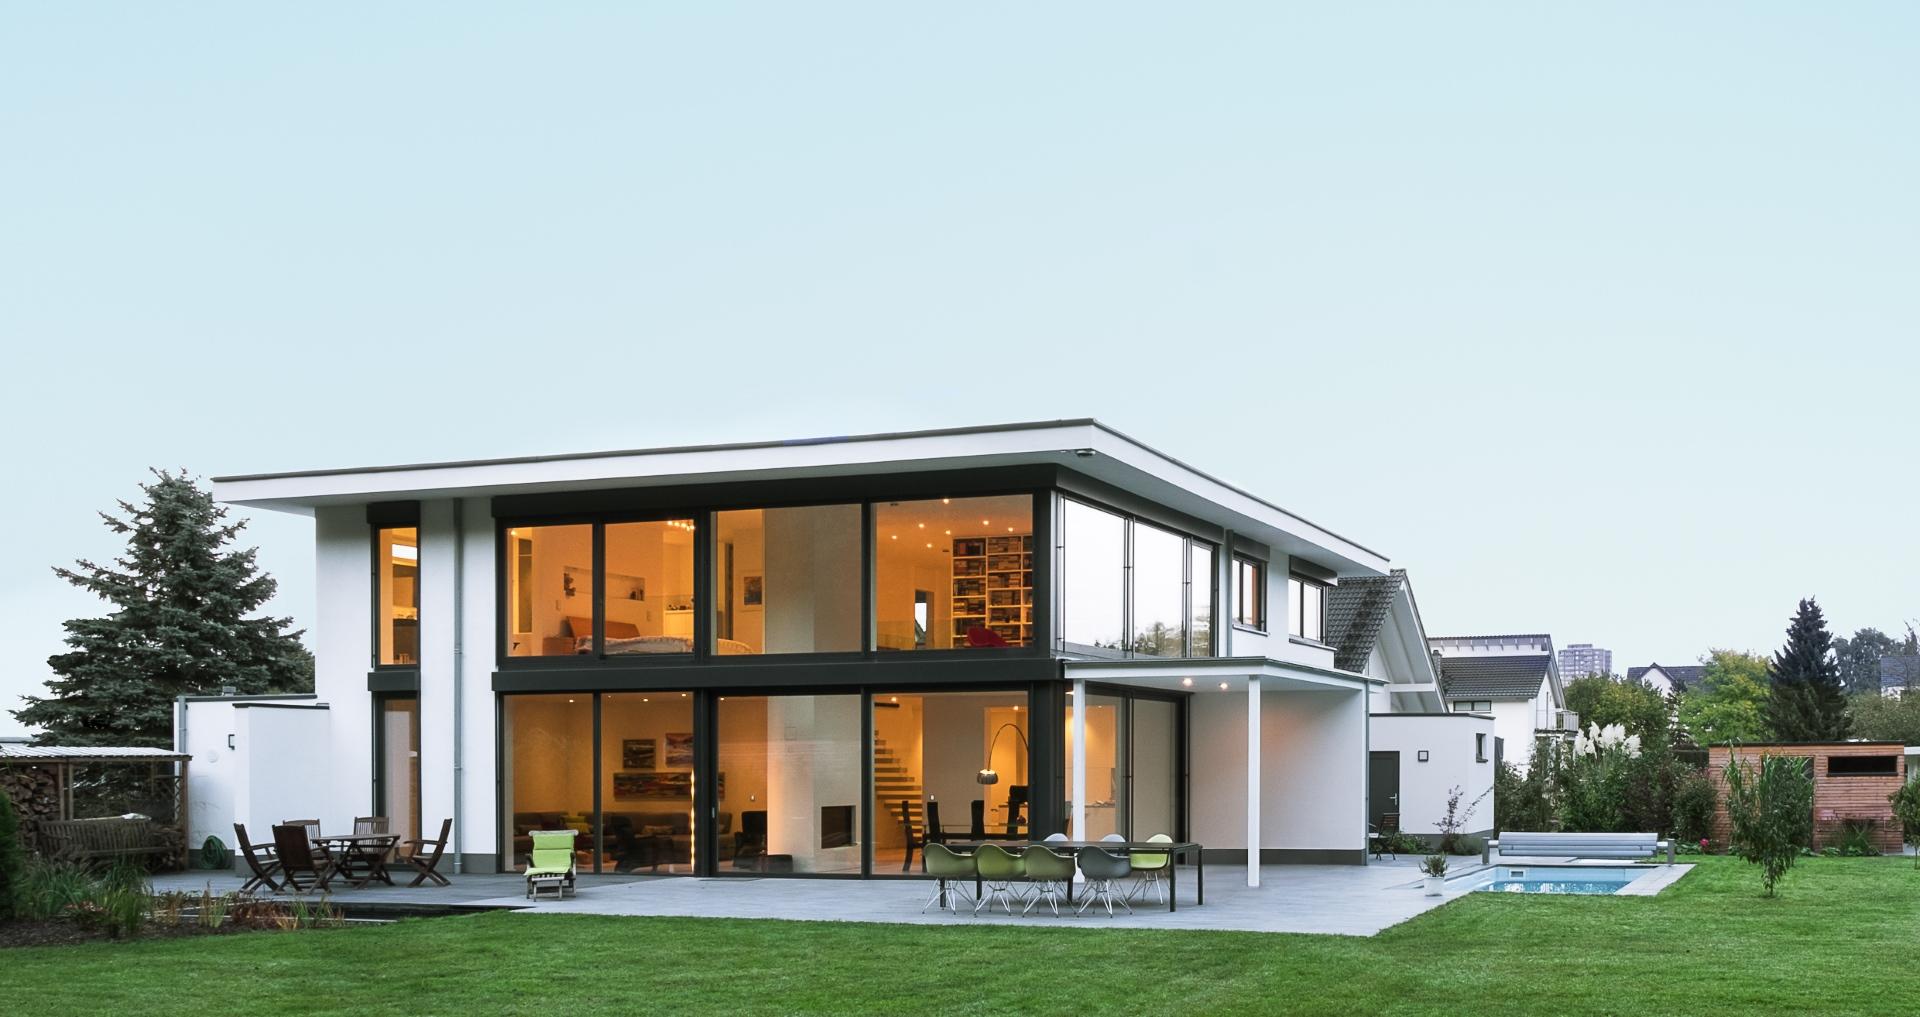 sam architektur bergisch gladbach. Black Bedroom Furniture Sets. Home Design Ideas